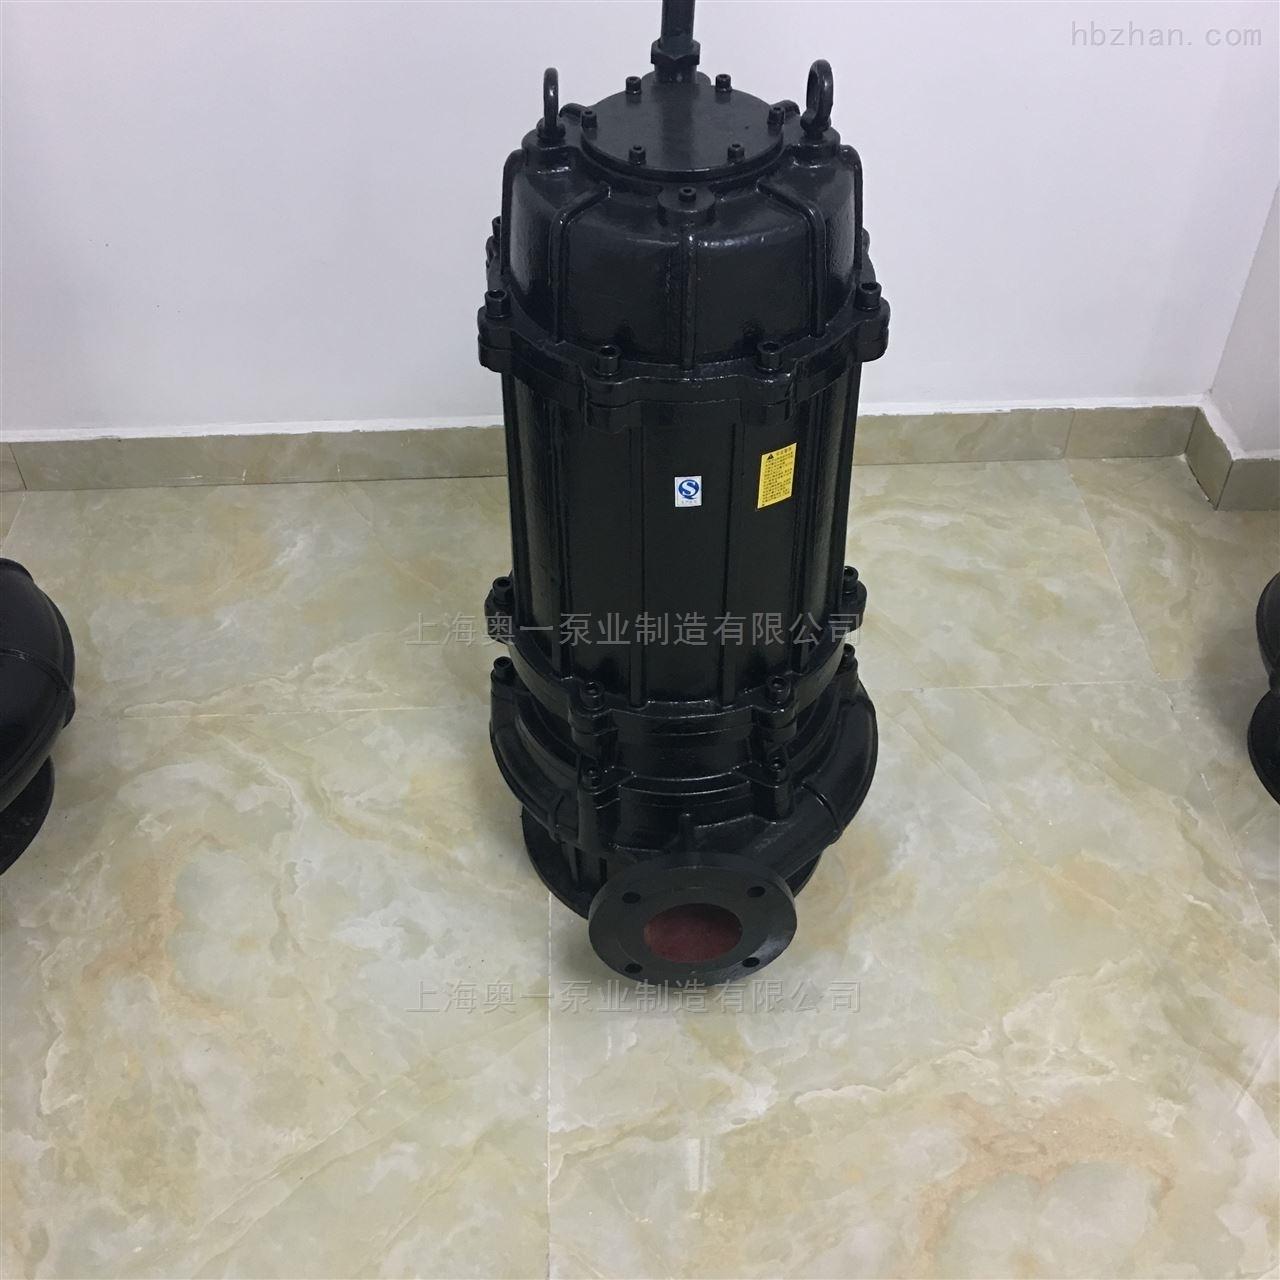 不锈钢离心泵型号